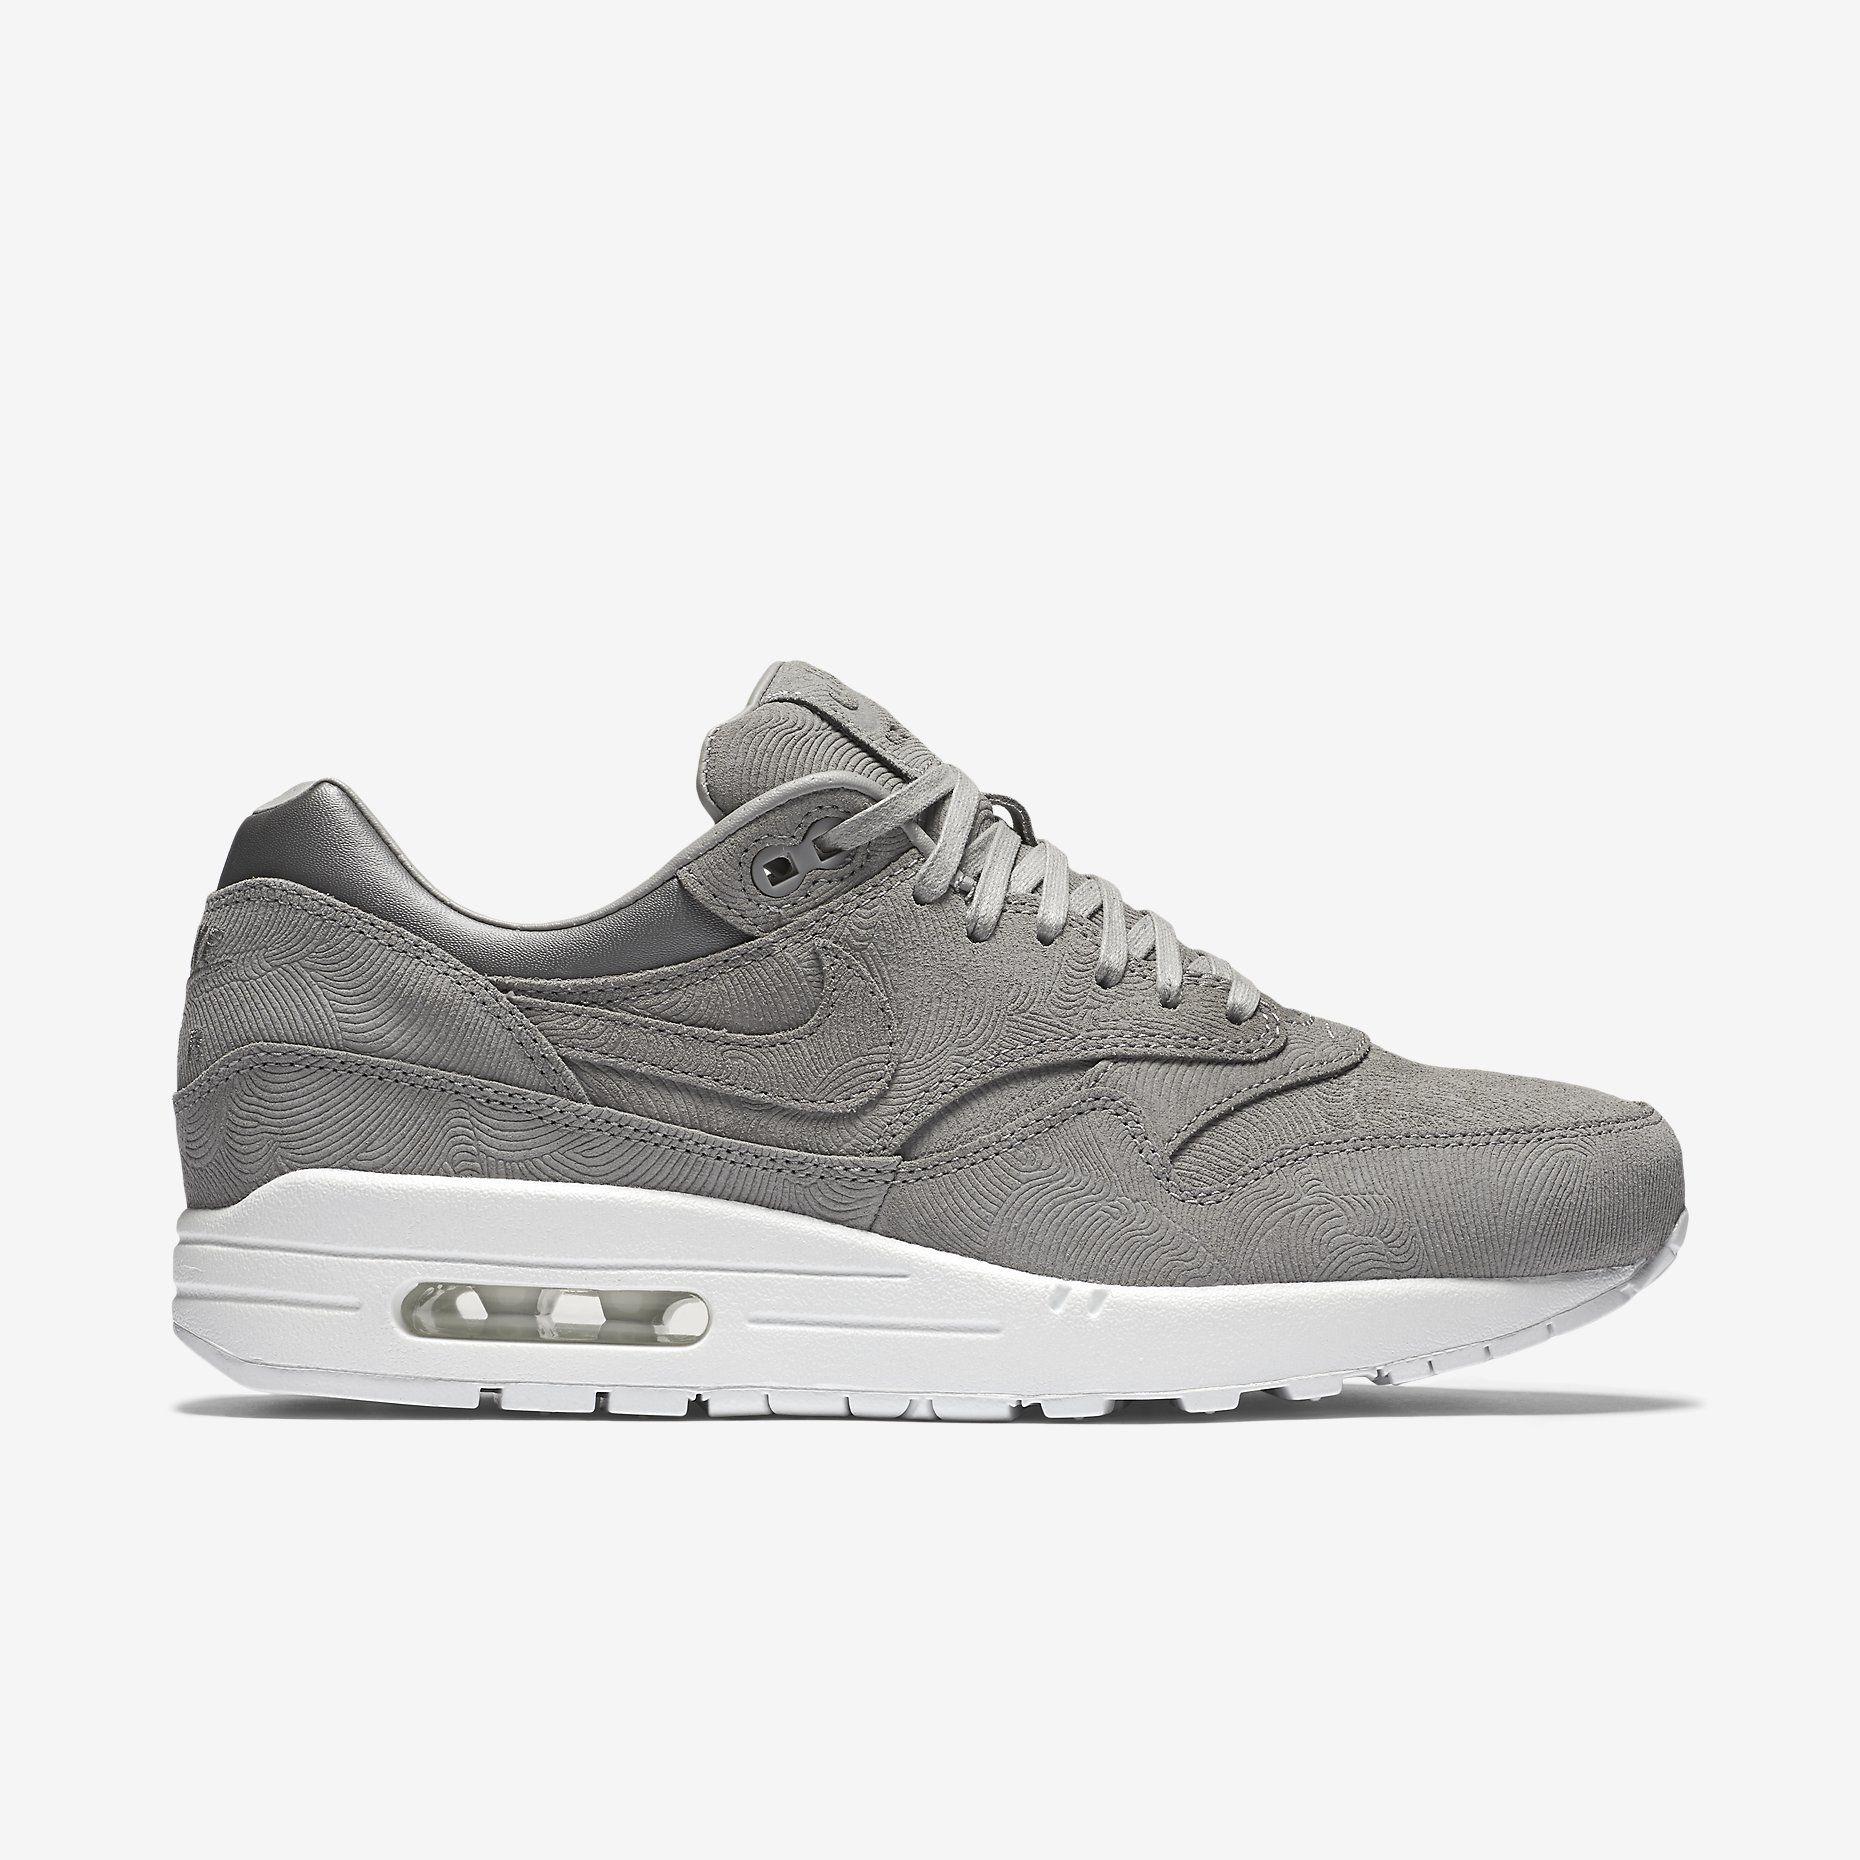 Zoek naar schoenen, kleding en uitrusting van Nike op www